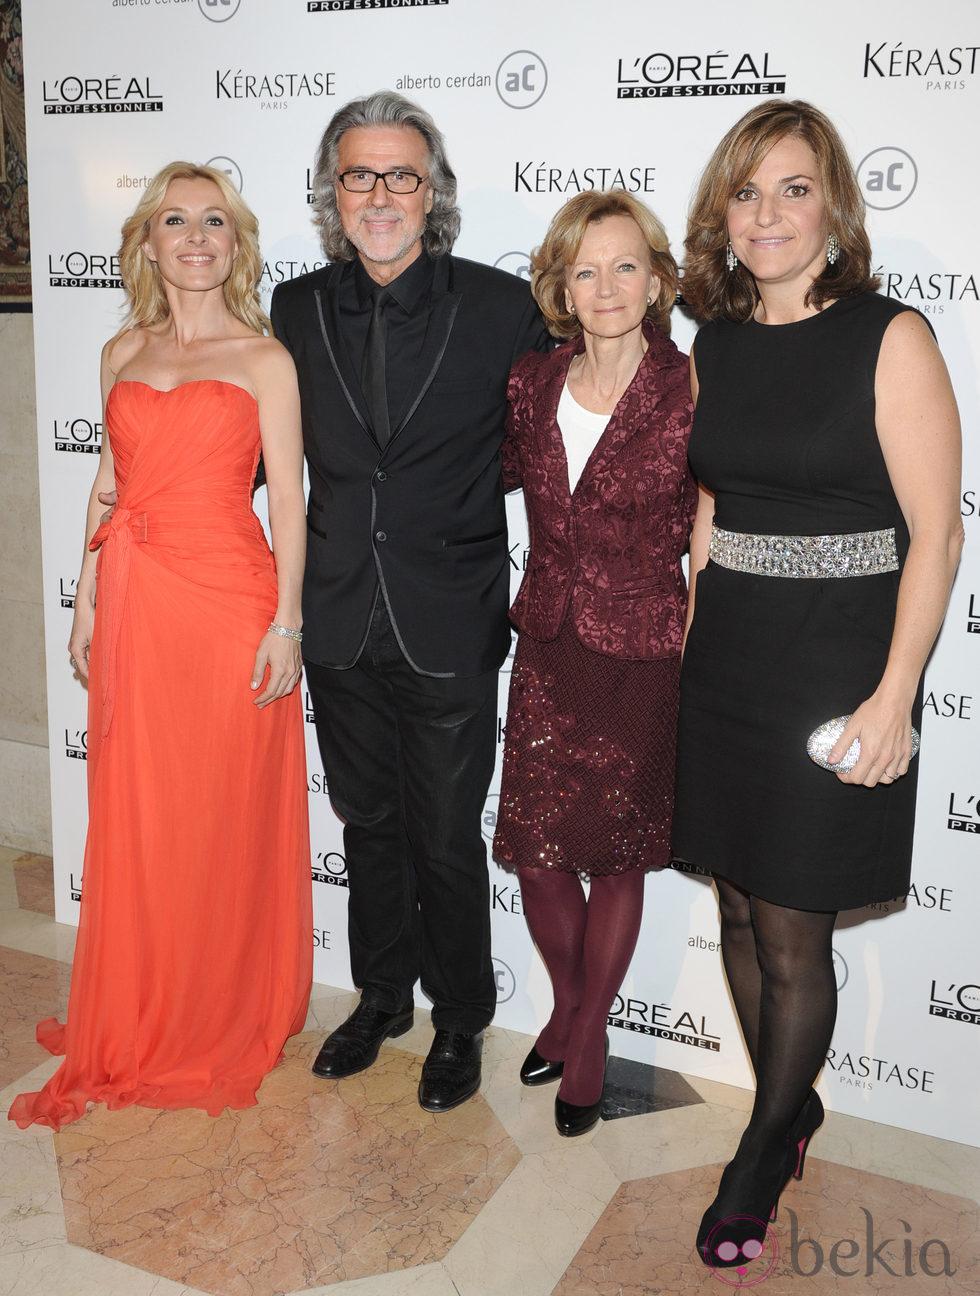 Cayetana Guillén Cuervo, Alberto Cerdán, Elena Salgado y Arantxa Sánchez Vicario